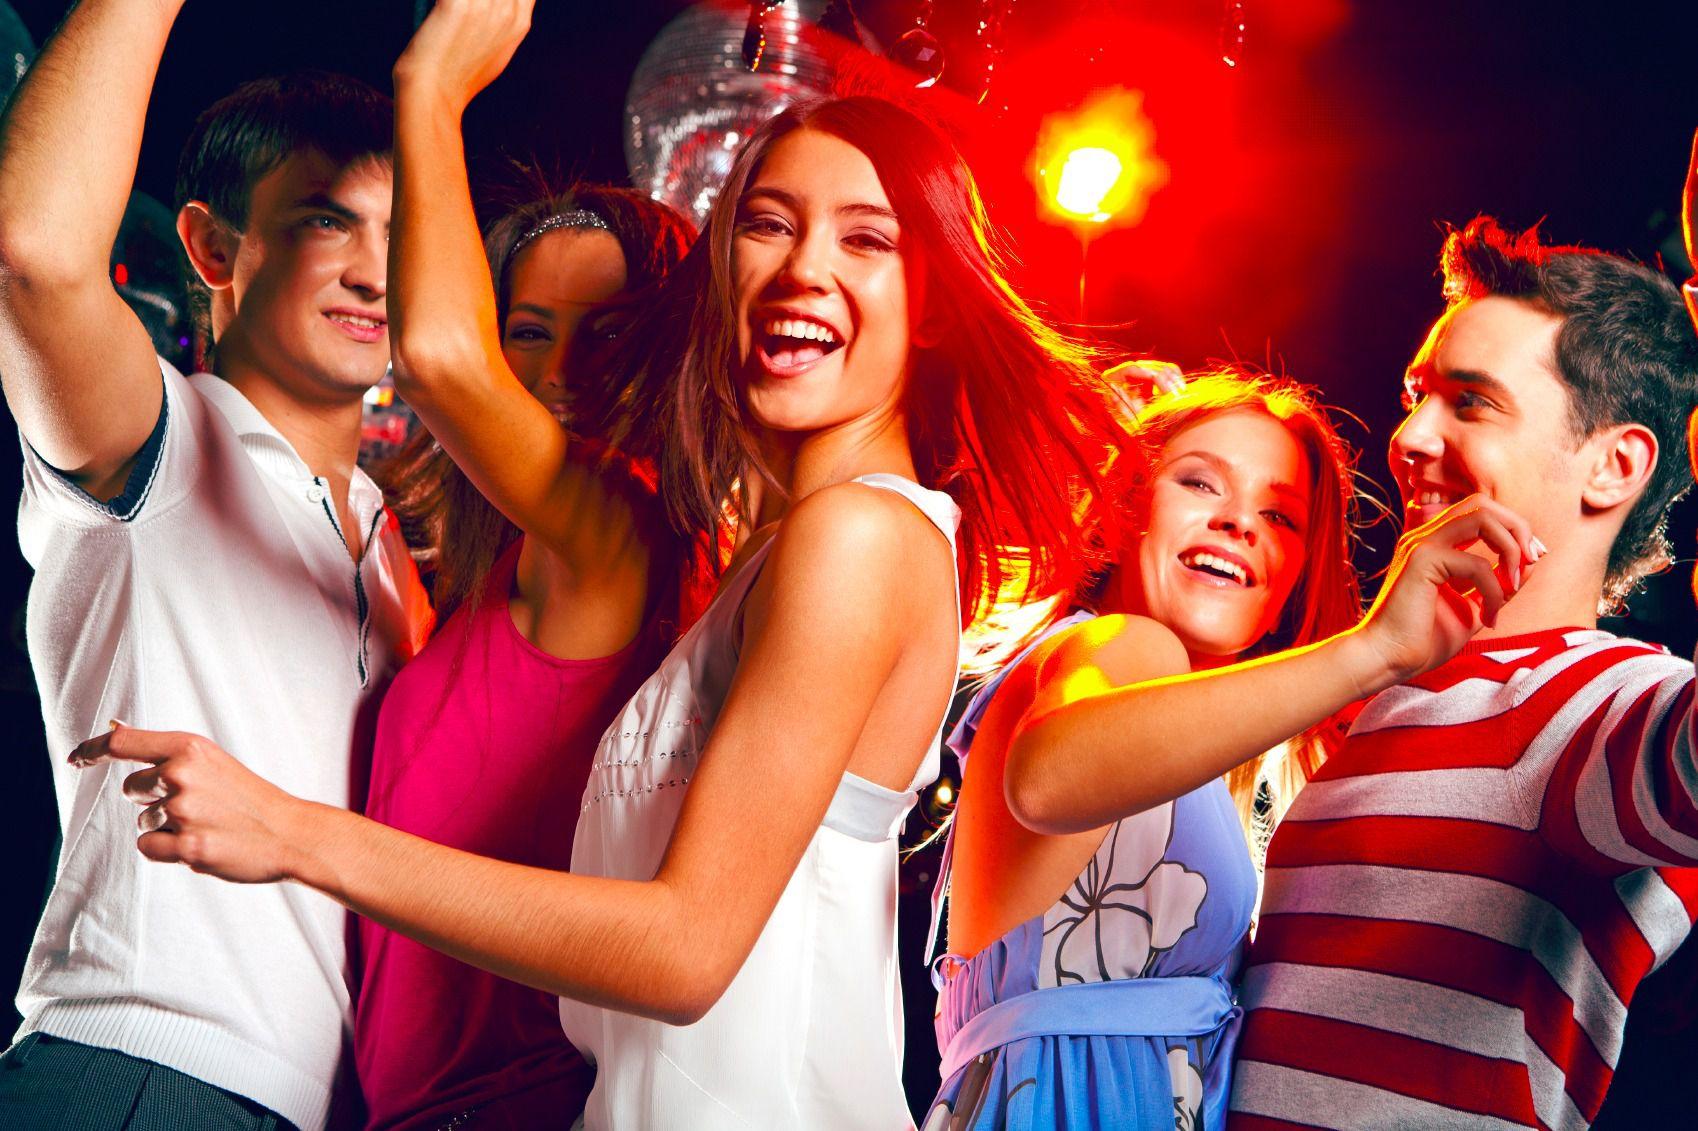 Смотреть вечеринку в ночном клубе